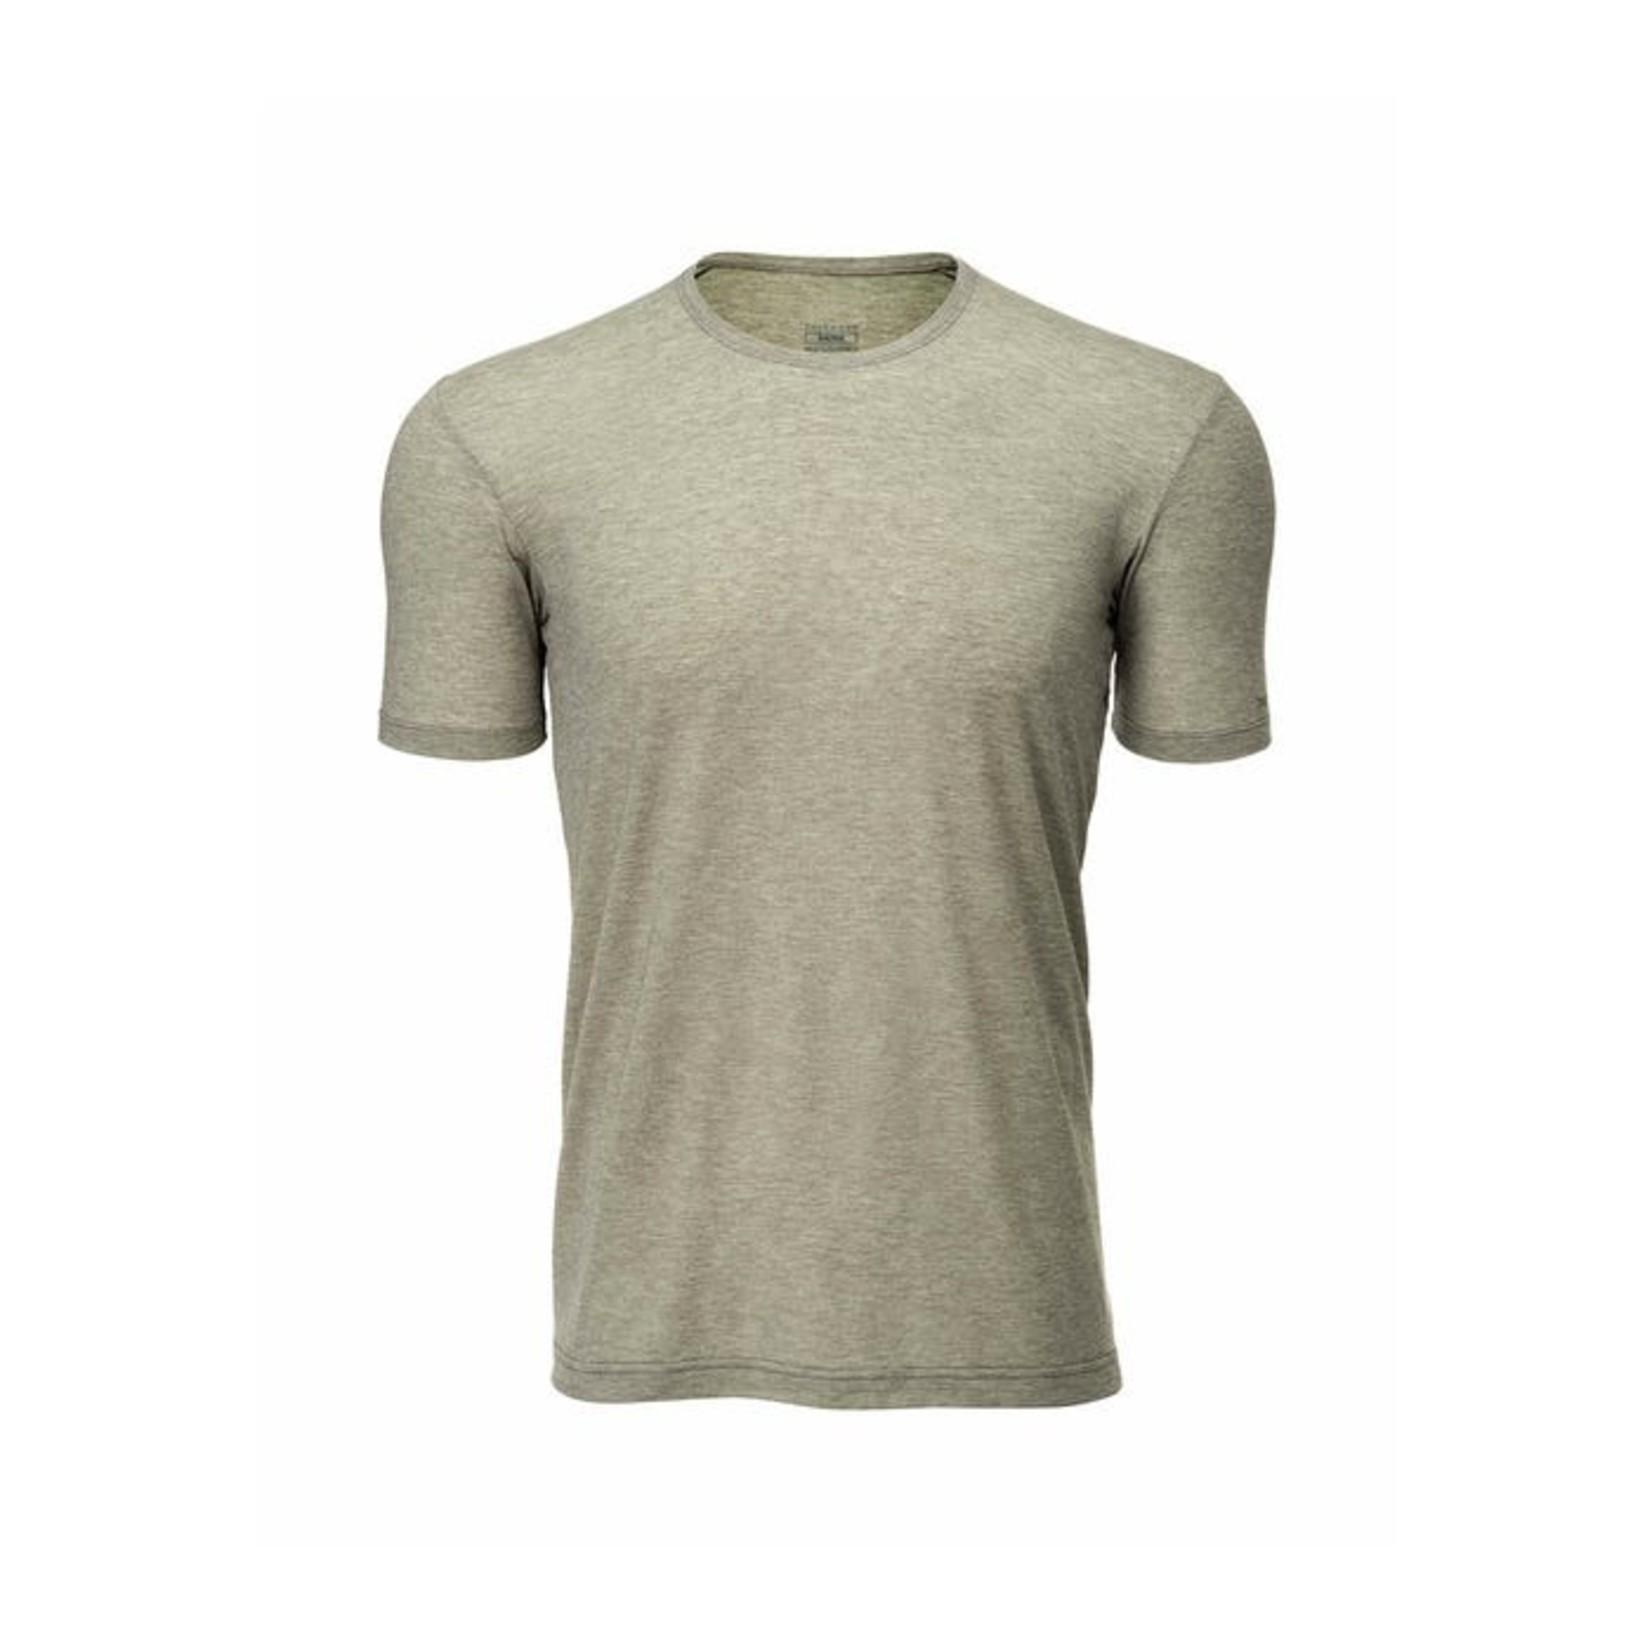 7Mesh 7Mesh Elevate T-Shirt Men's